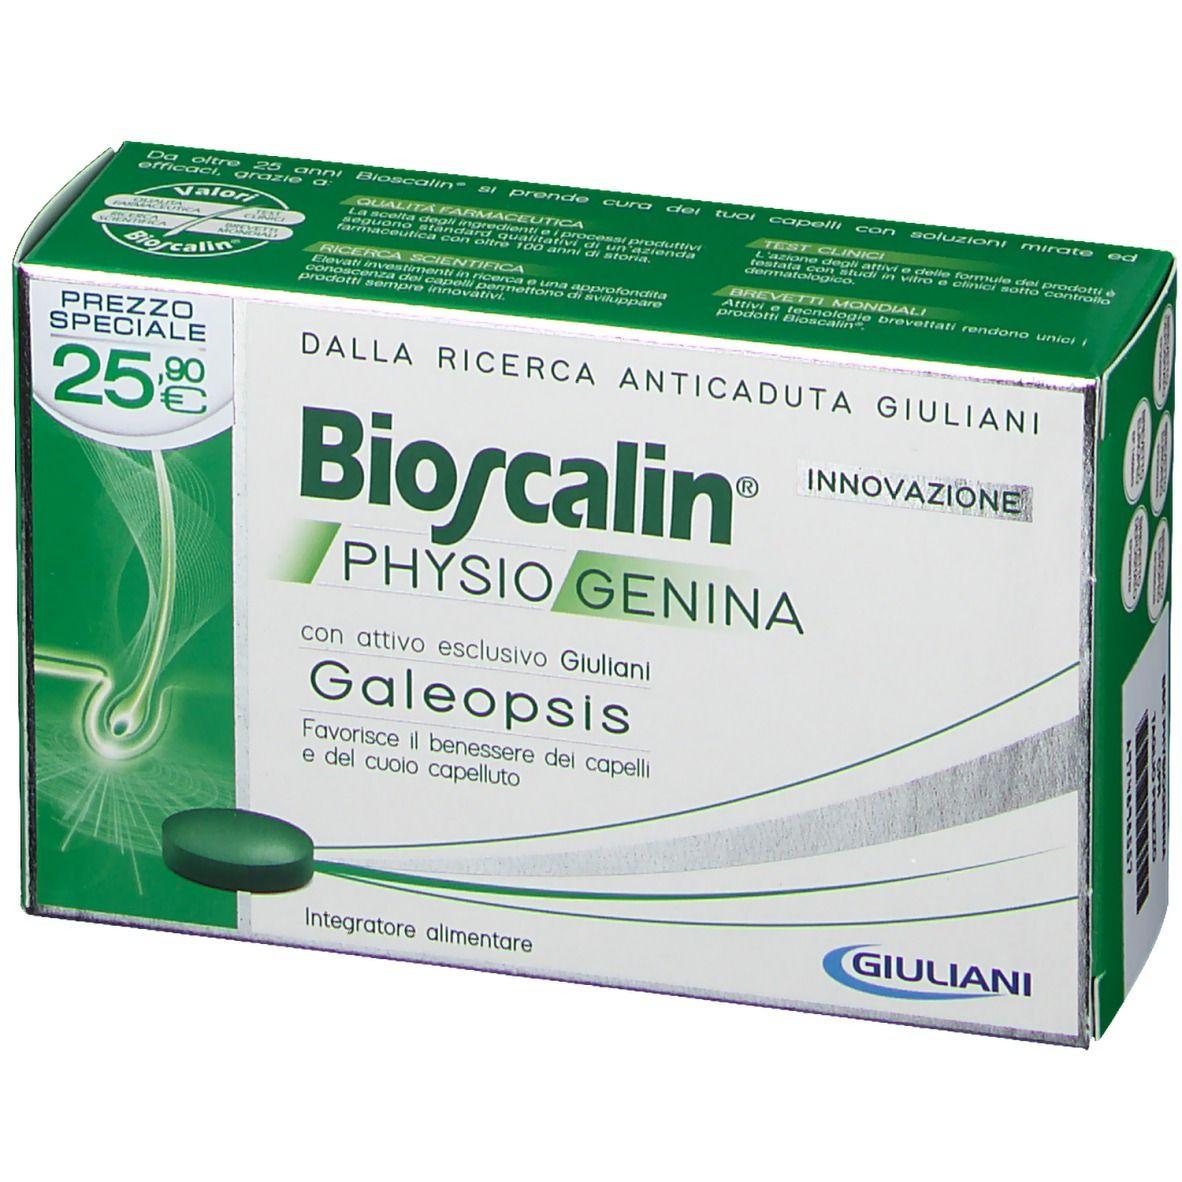 Bioscalin® Physiogenina Compresse Uomo e Donna - shop ...